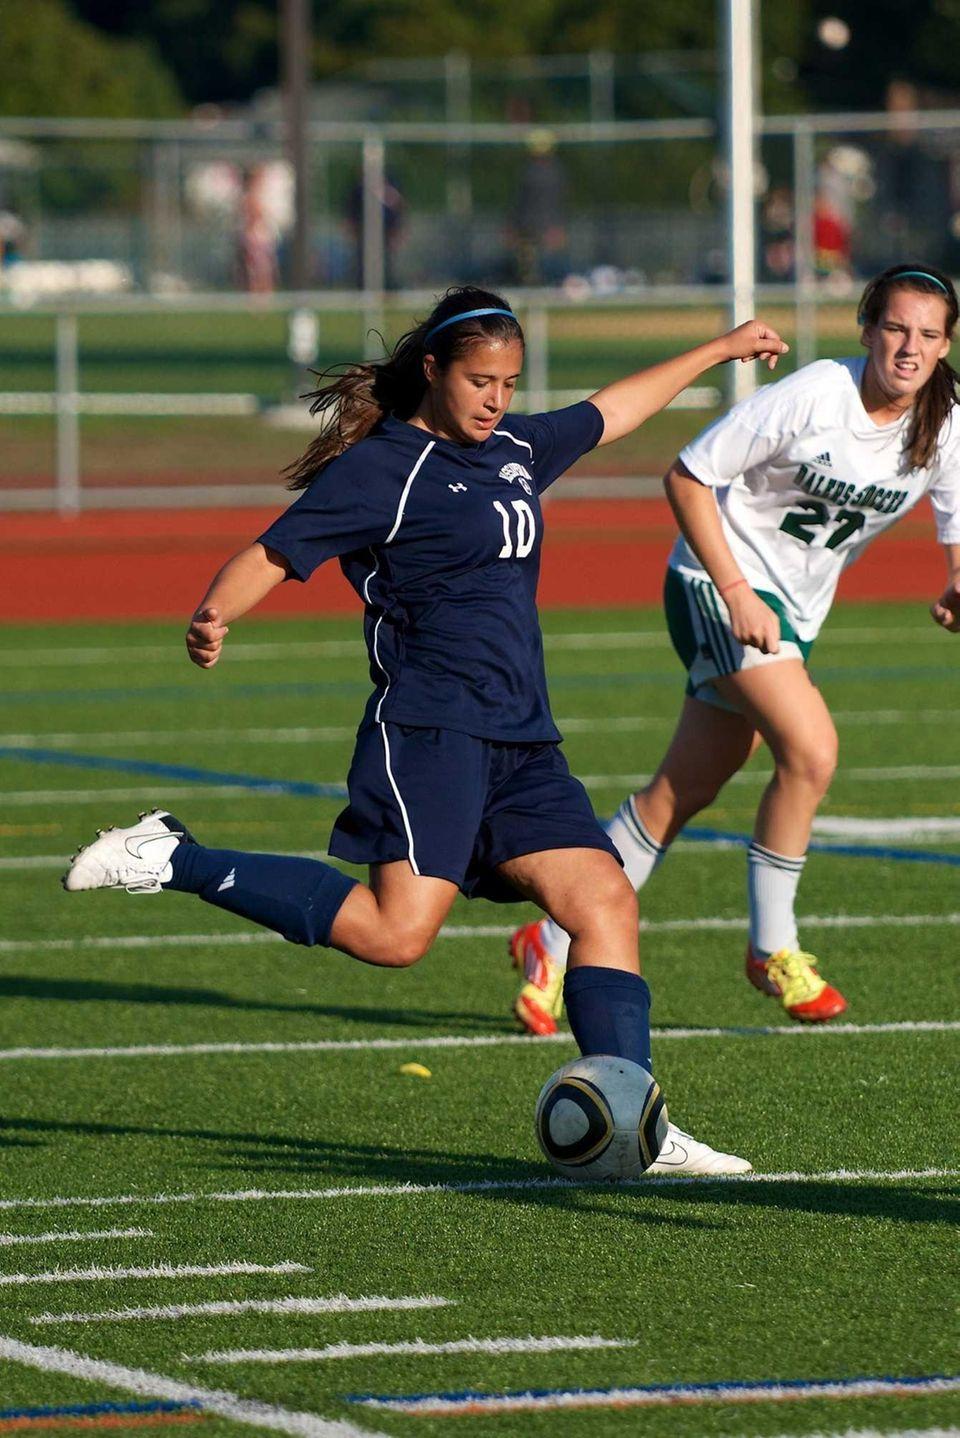 Massapequa senior Erica Modena sends the ball toward